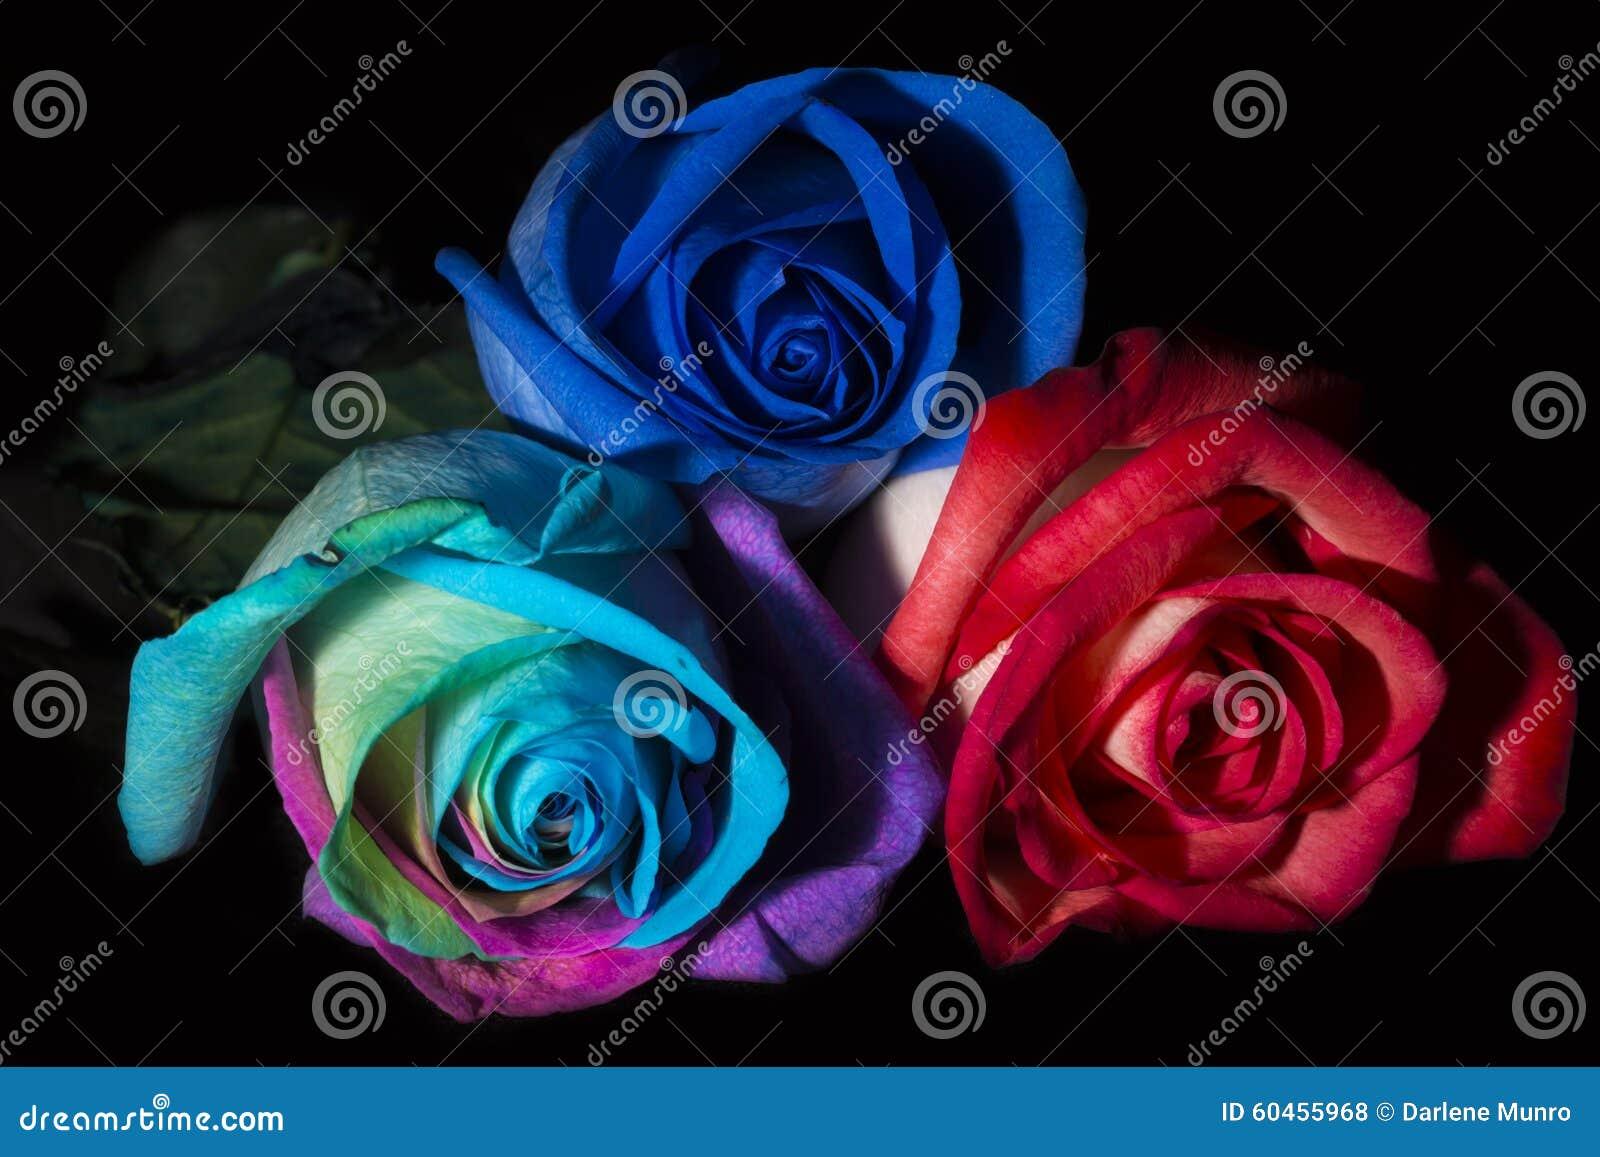 Tres Rosas Tres Colores Foto De Archivo Imagen De Amor 60455968